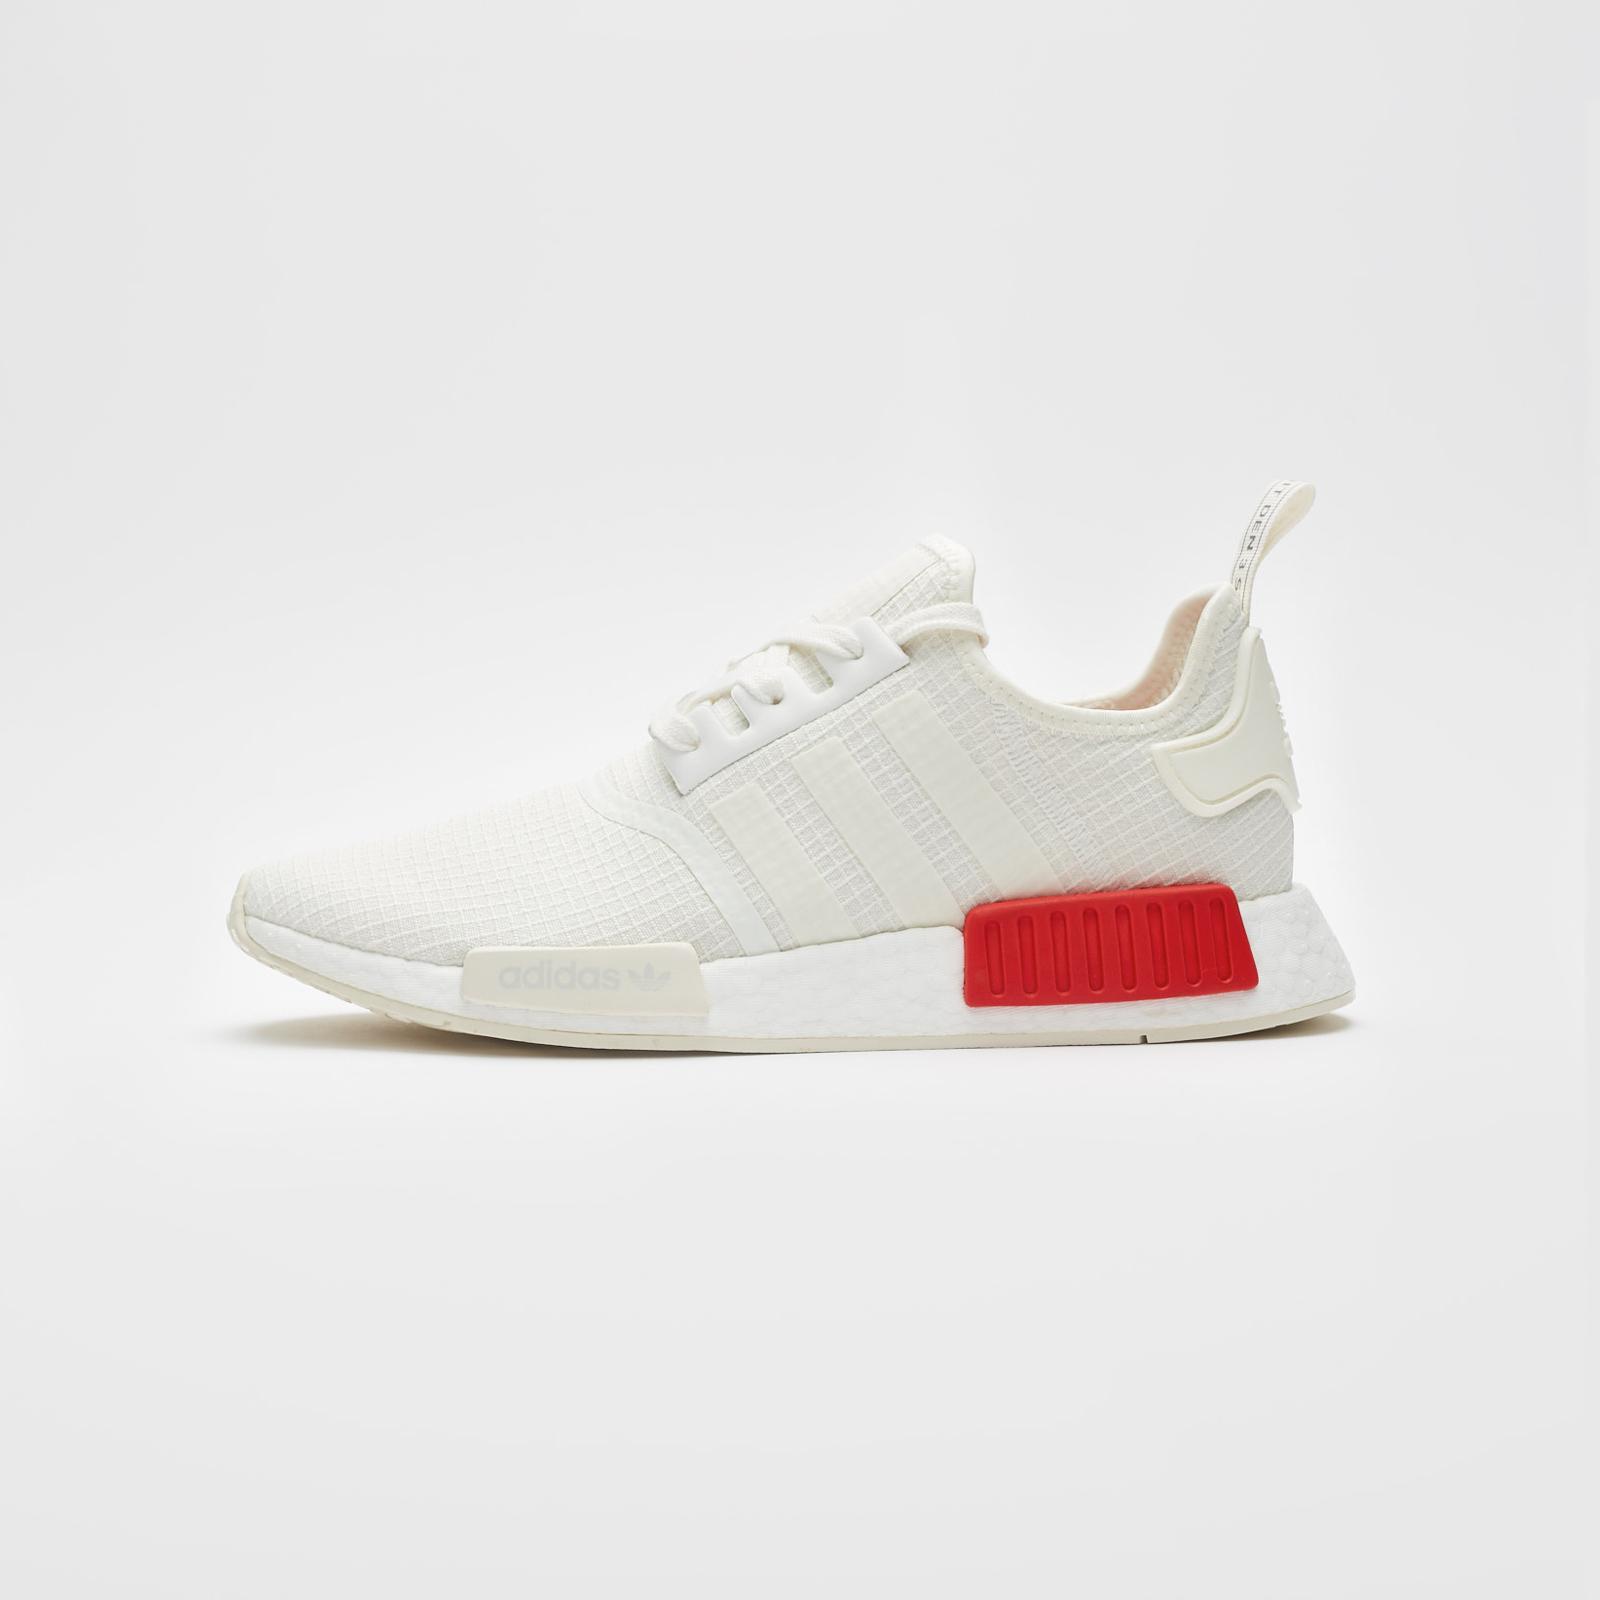 New Adidas Men/'s Originals NMD R1 Shoes Men US 13 B37619 Eur 48